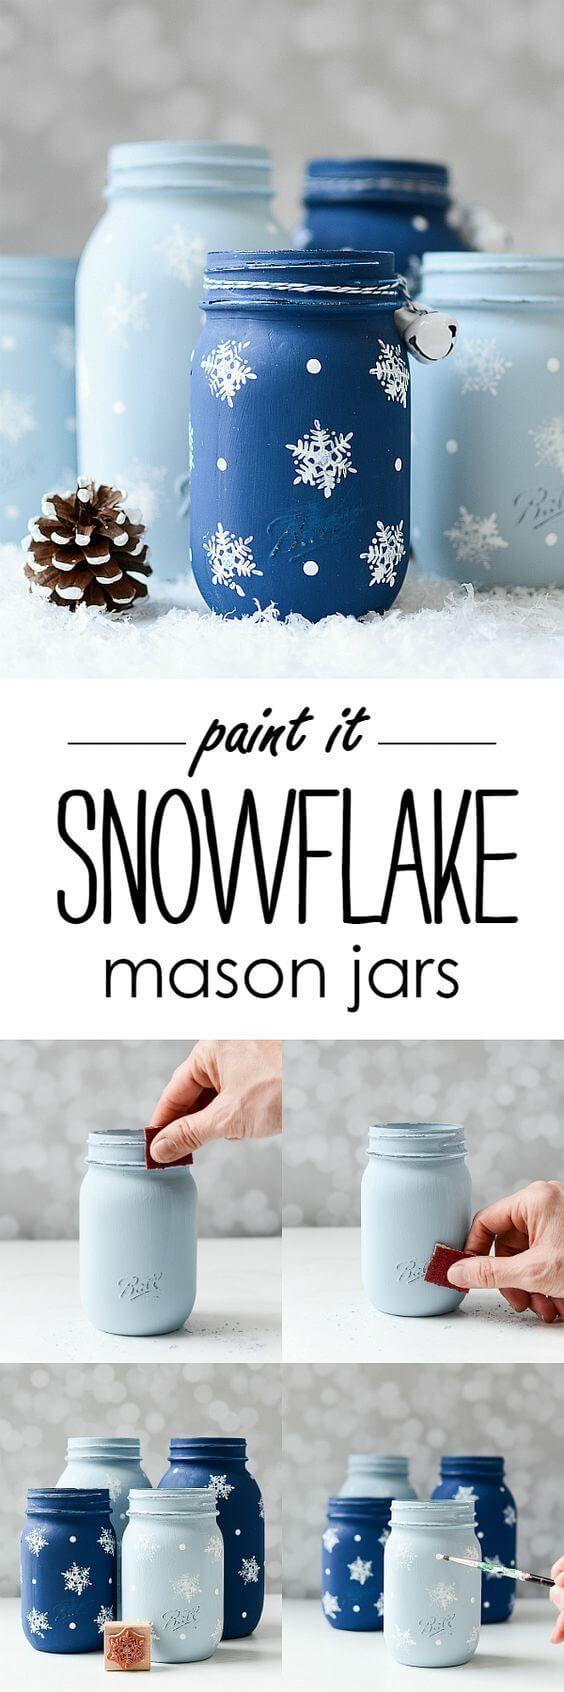 DIY Weckgläser-Bastelideen sorgen immer für eine Überraschung! #weckgläserdekorieren Winterdeko aus Einmachgläsern basteln - Schneeflocken aus Weckgläser malen #weckgläserdekorieren